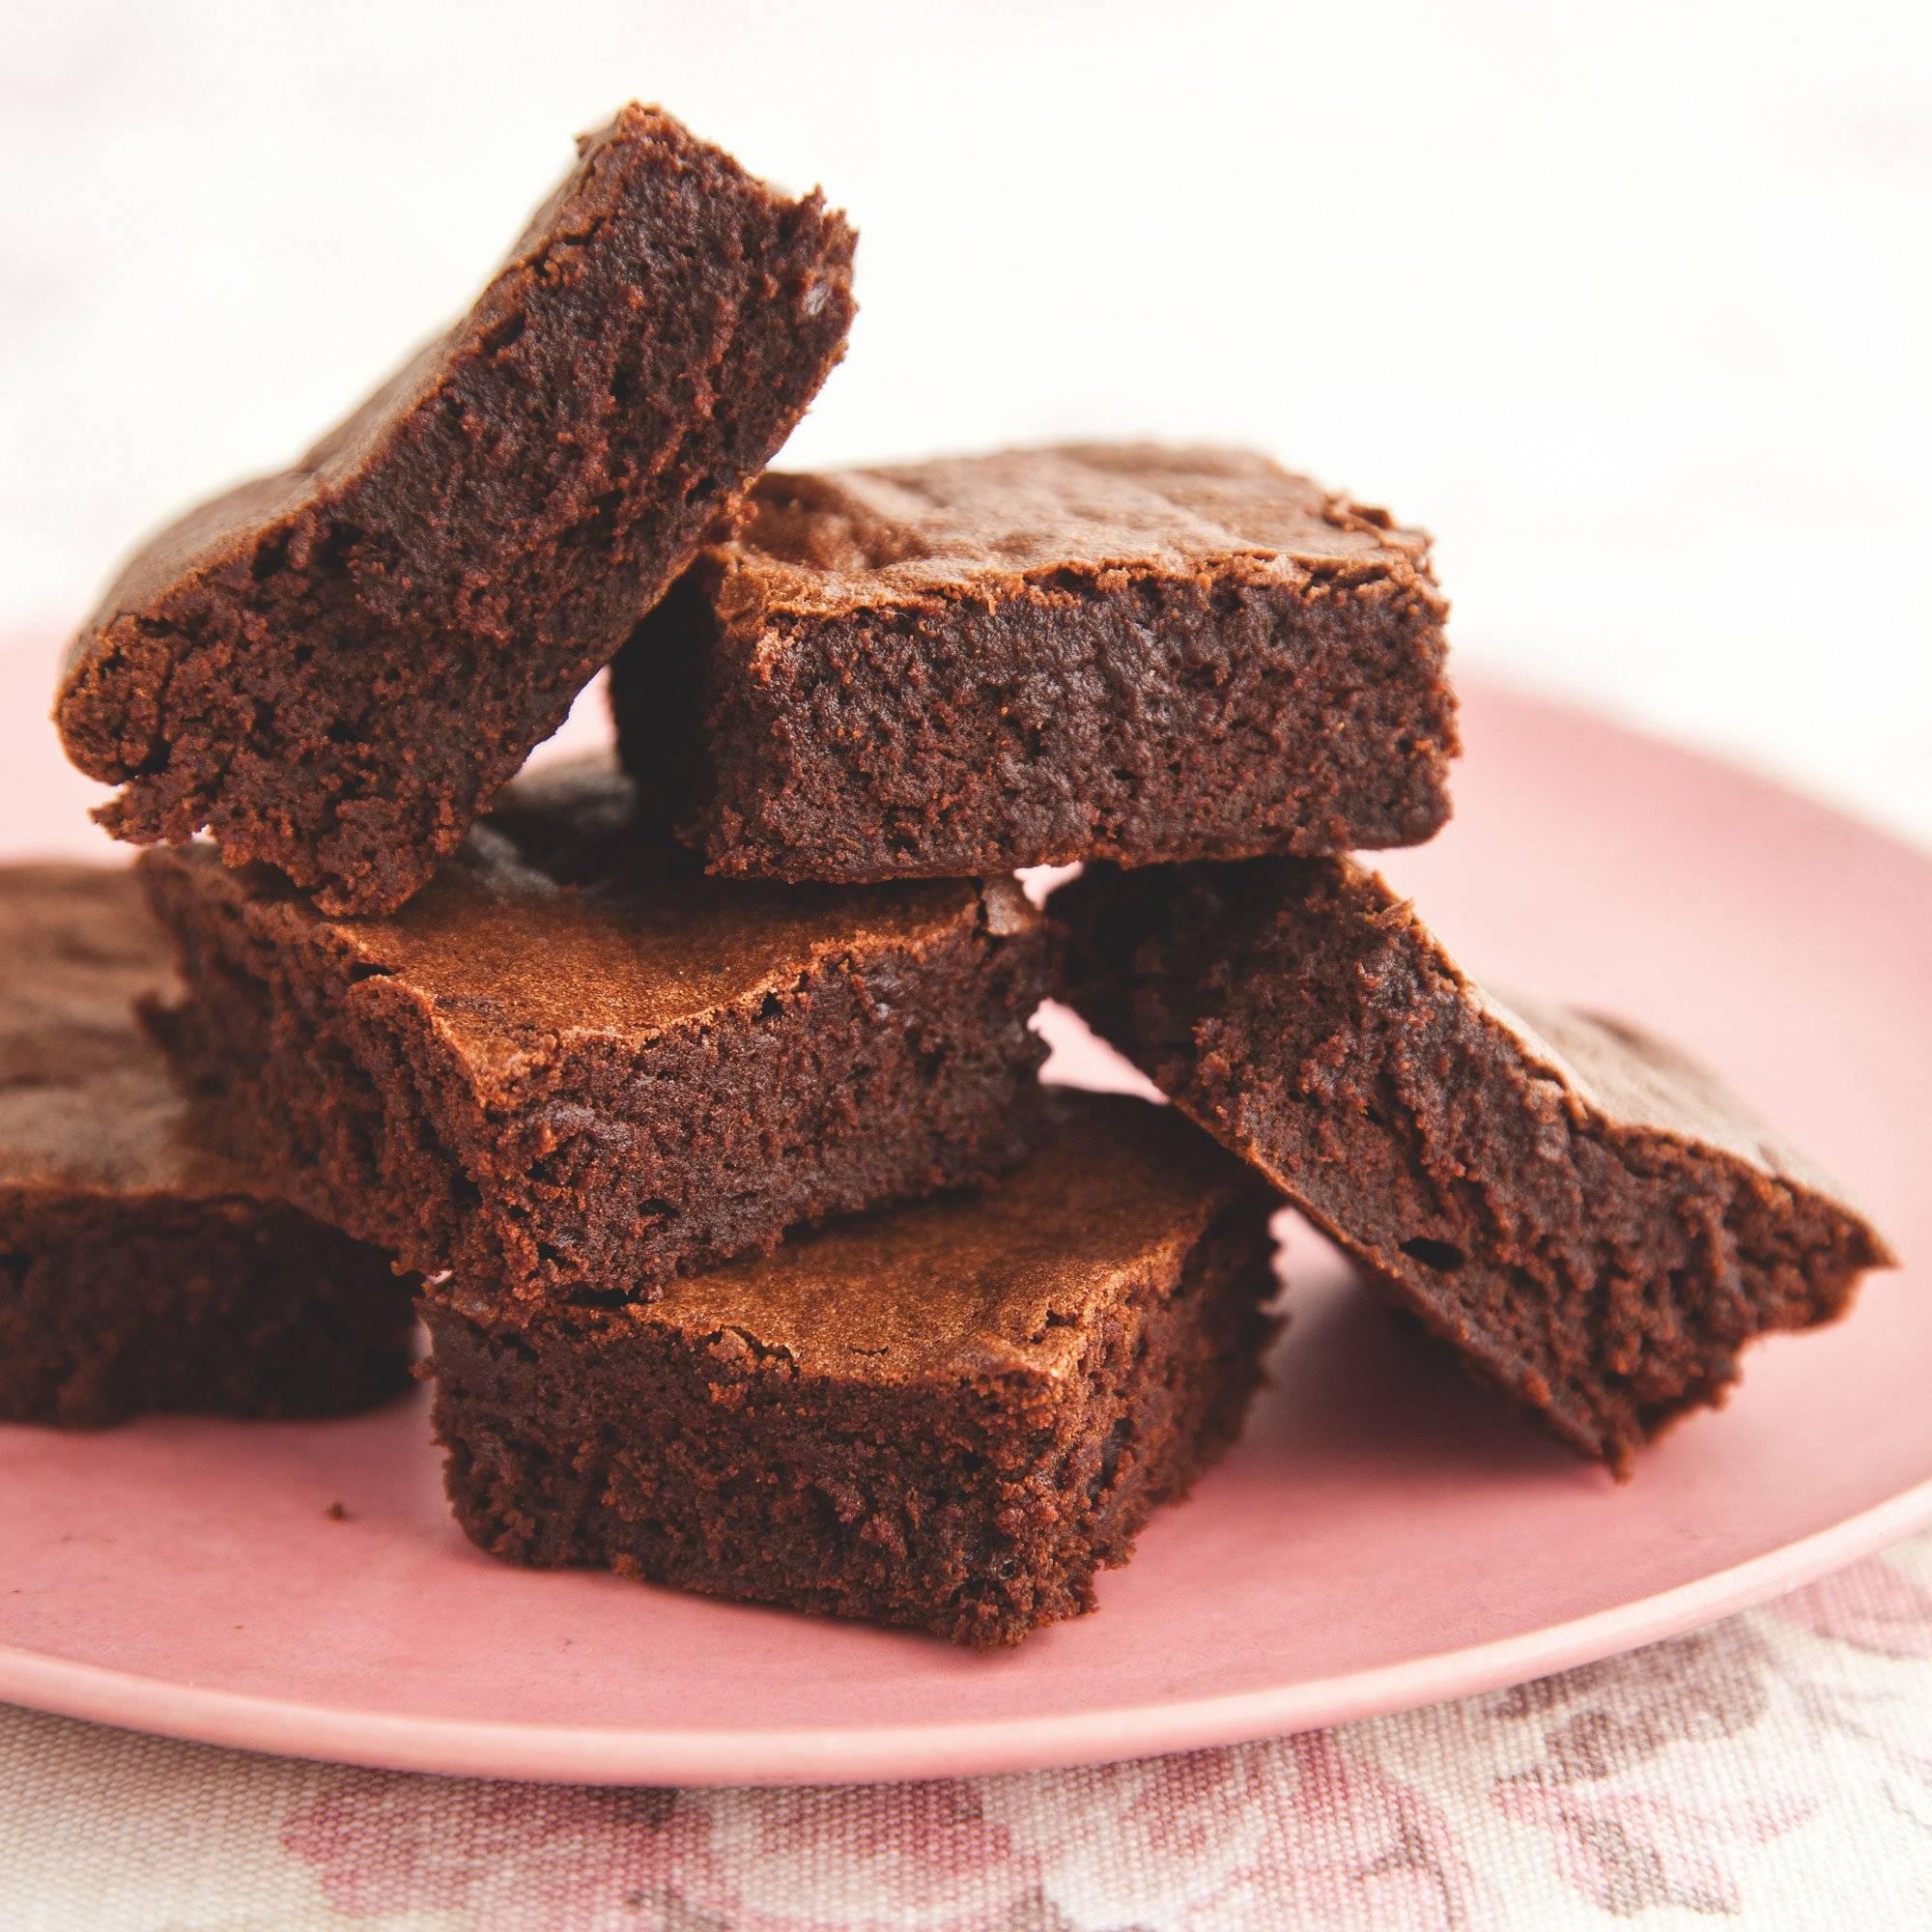 Шоколадный брауни, рецепт классический с фото пошагово — wowcook.net